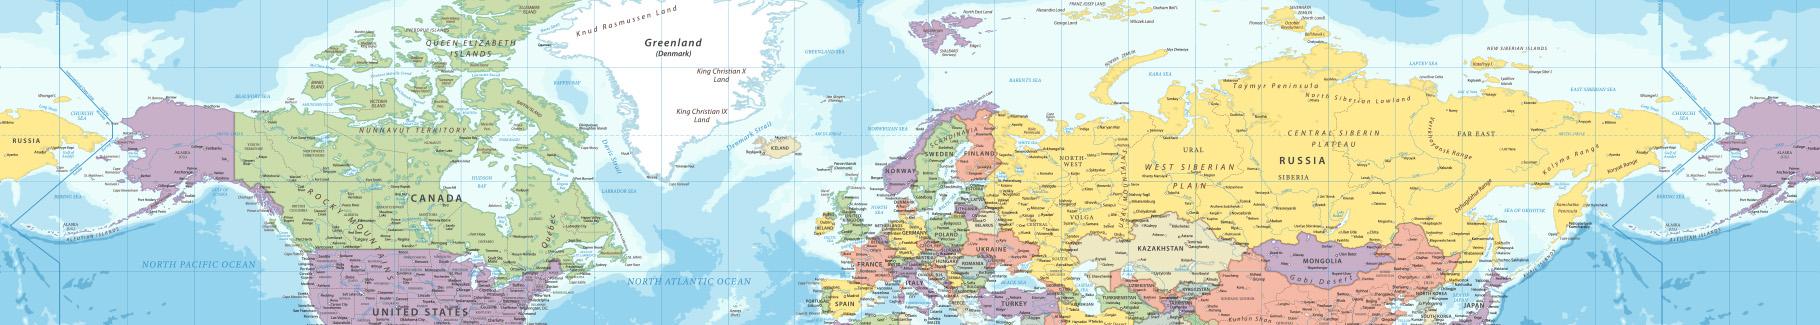 Obraz mapa w starym stylu